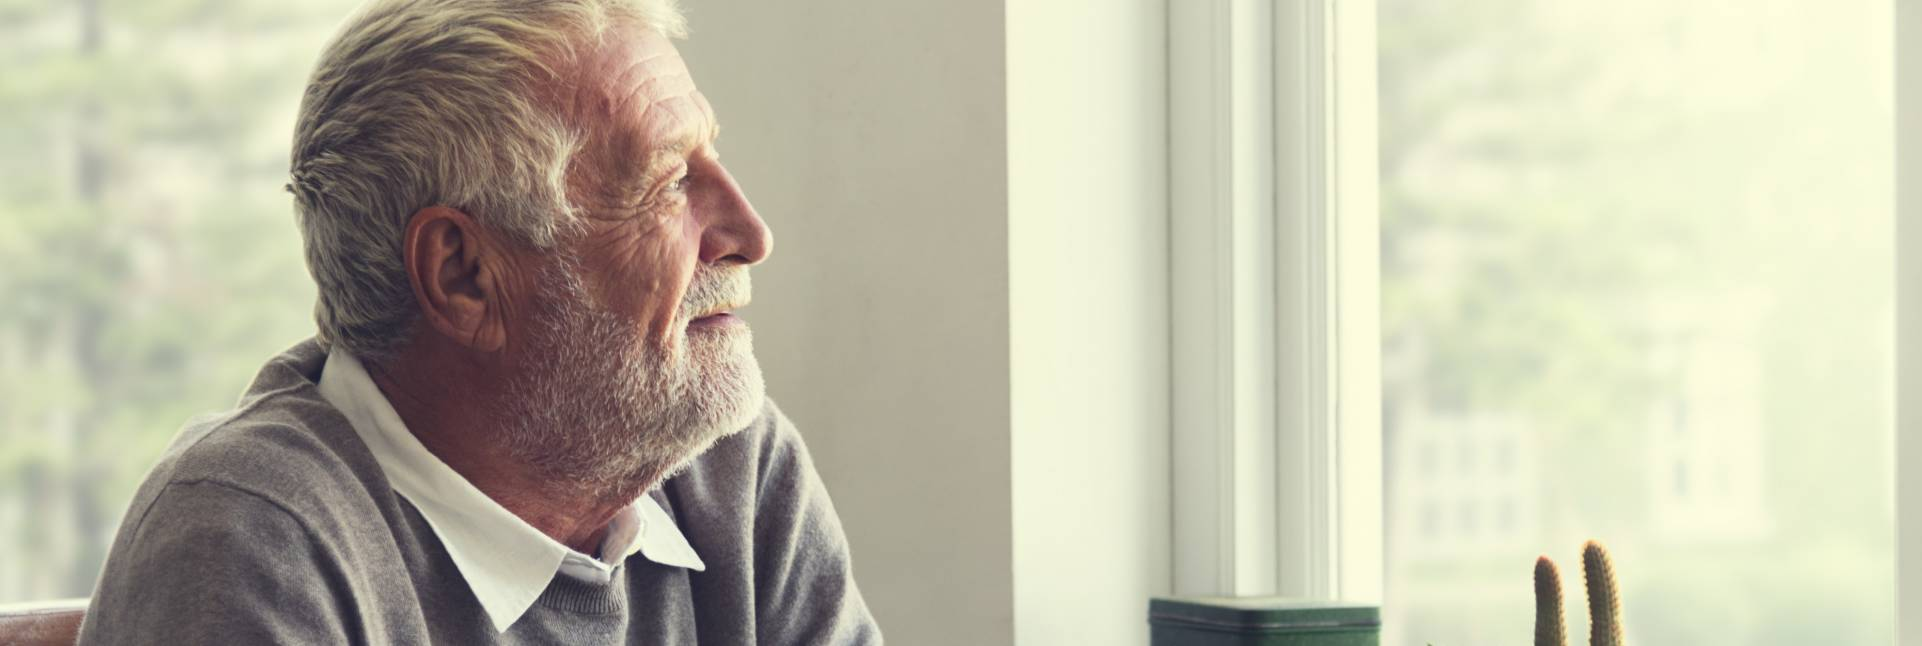 La degeneración macular por la edad